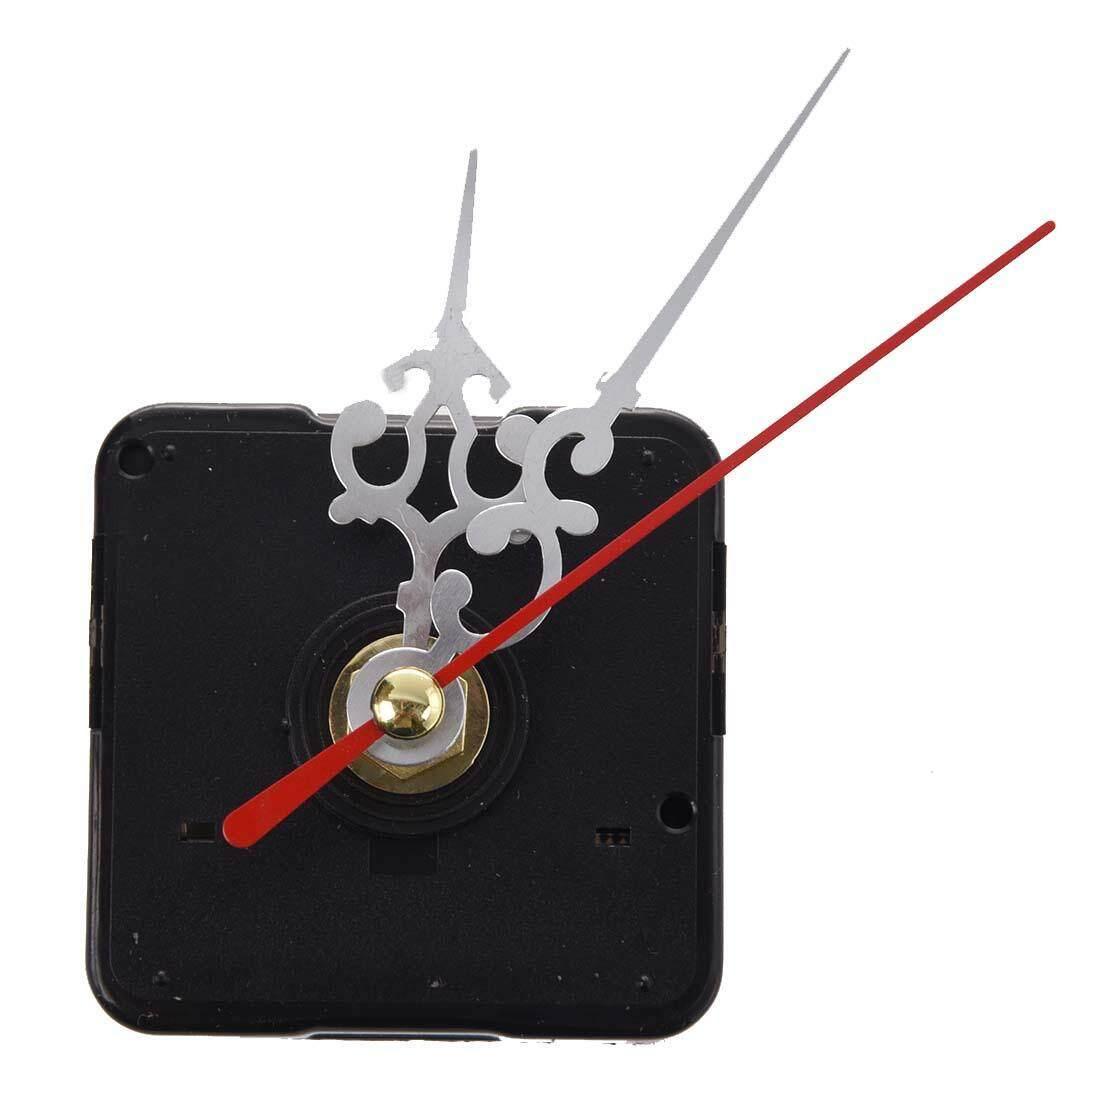 ... tahan air terompet hitam】Versi Korea dari meja lava generasi kedua 50. Source · Clock Movement Mechanism with Silver Hour Minute Red Second Hand DIY ...